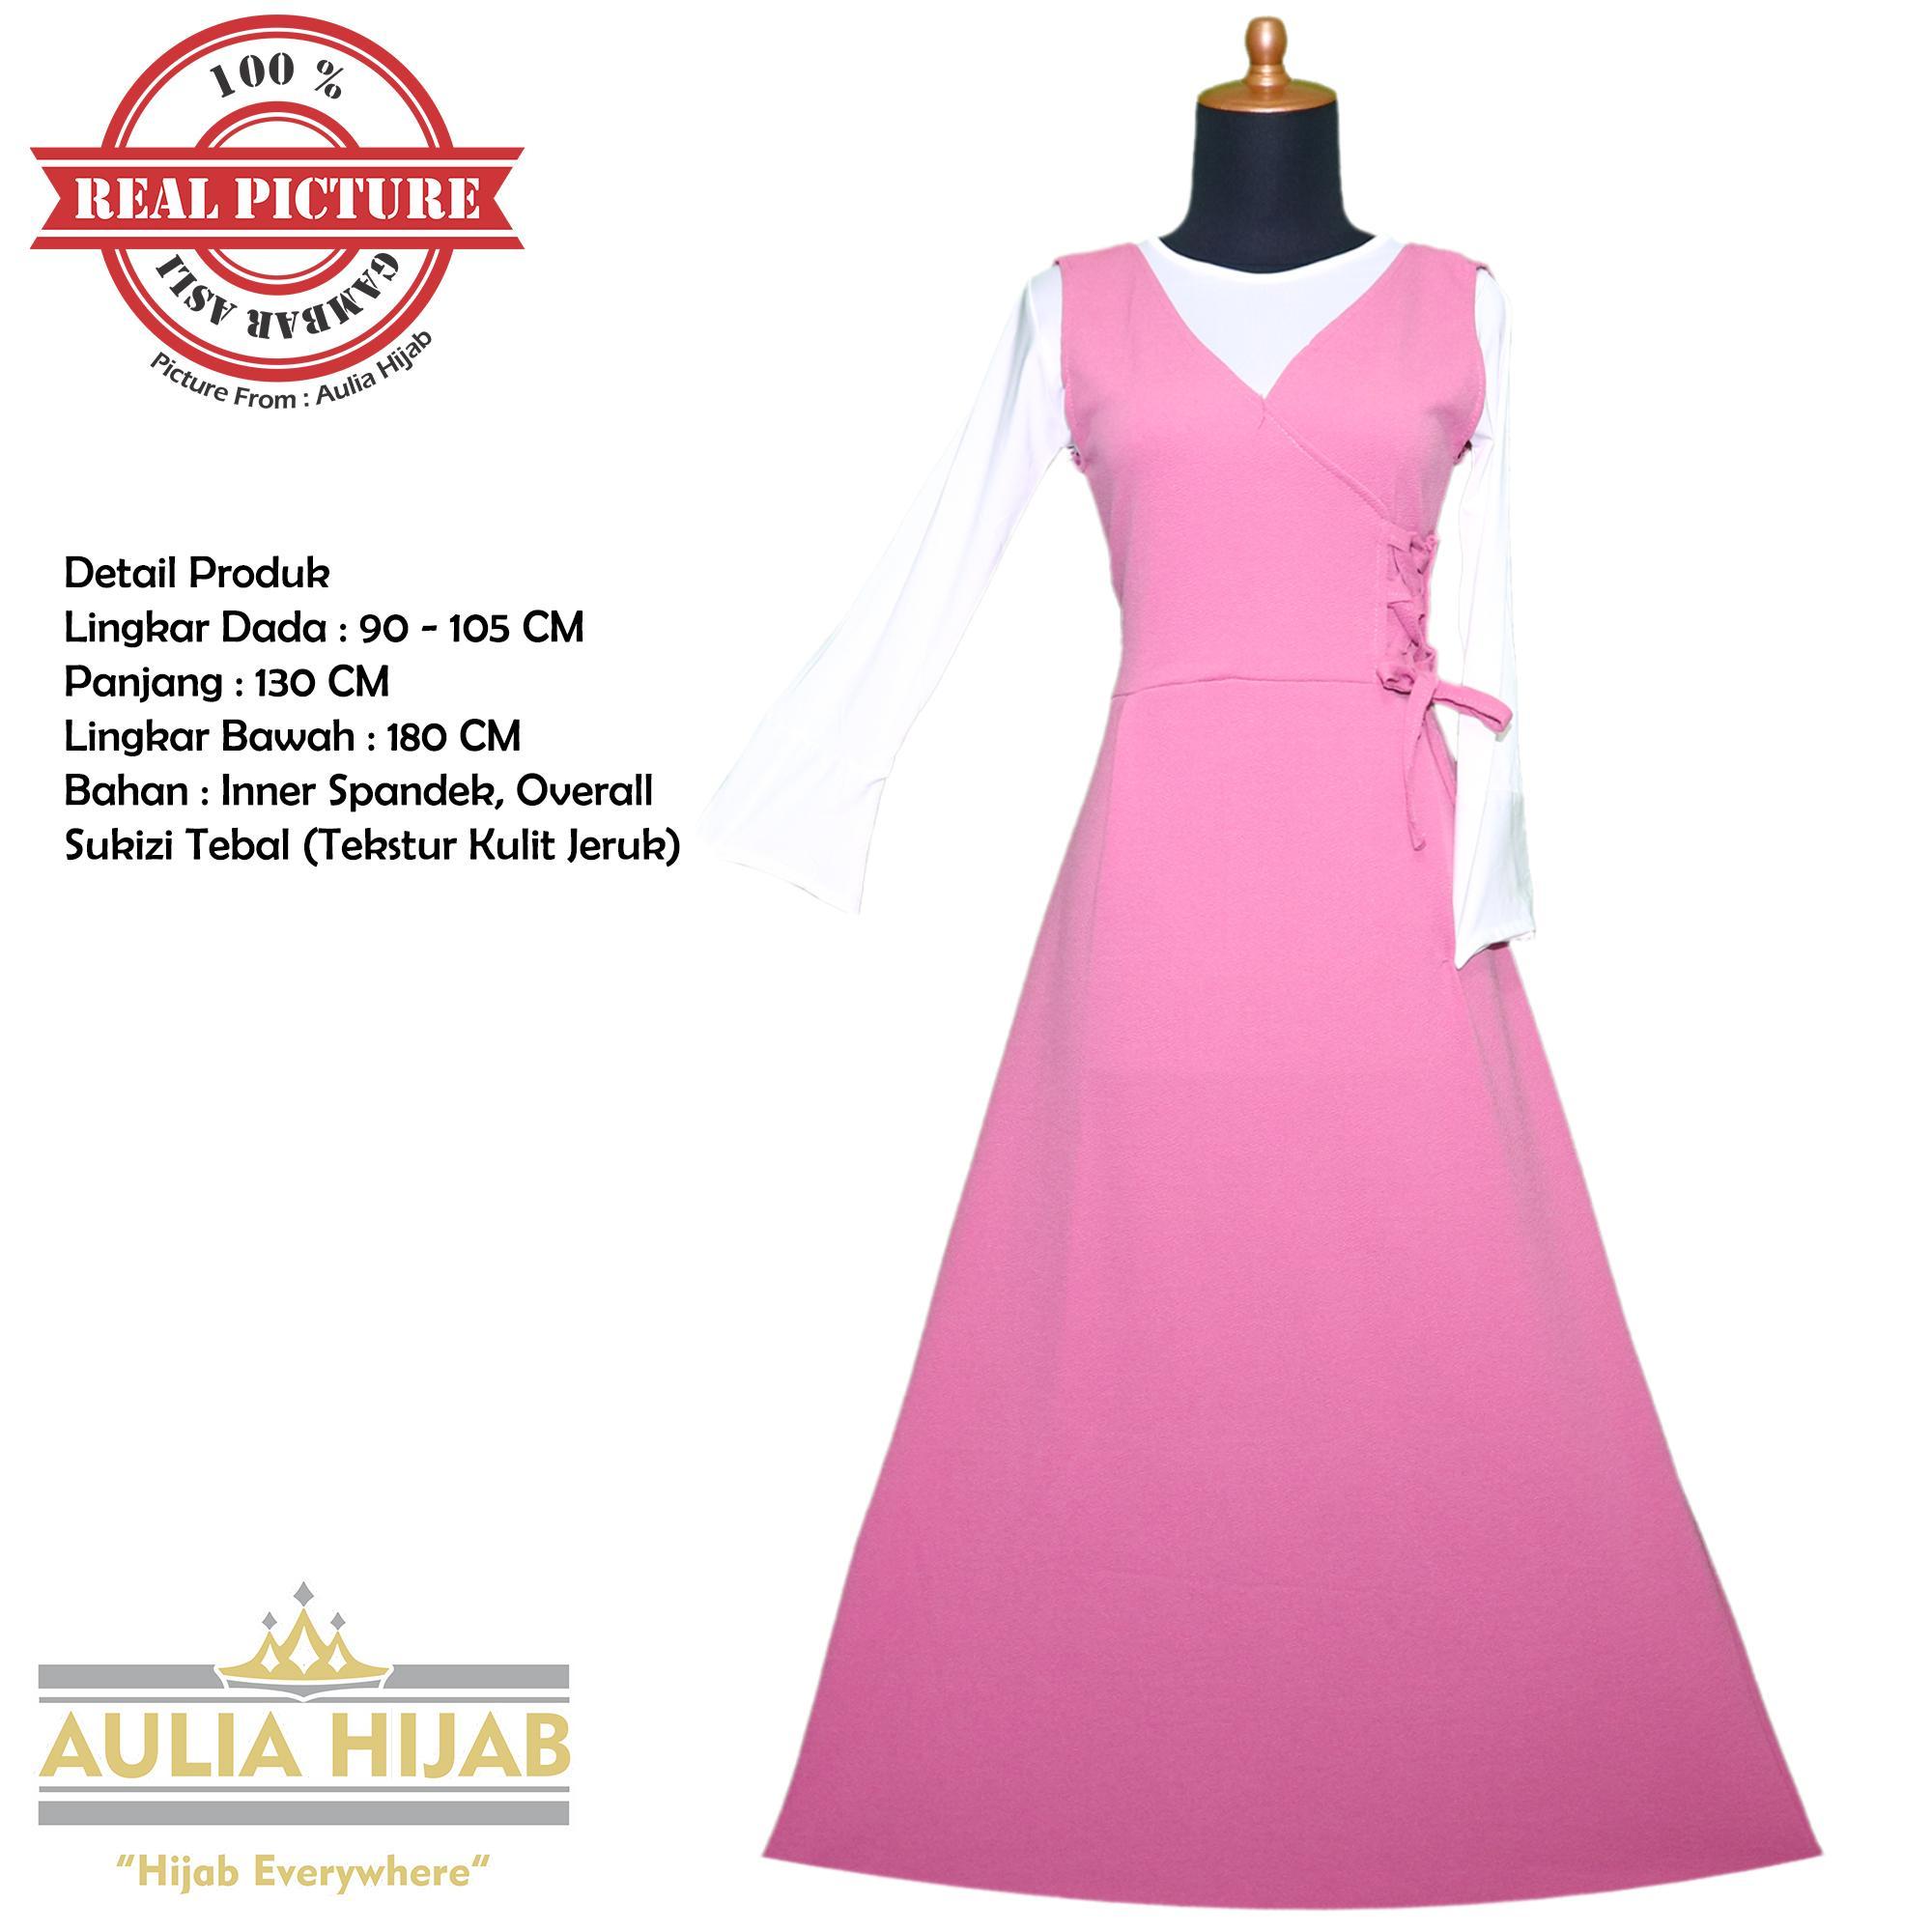 Daftar Harga Baju Kodok Untuk Hijab Terbaru November 2018 Cari Dan Aulia Gamis Overall Annie Bahan Sukizi Premium Murah Langsung Pesta